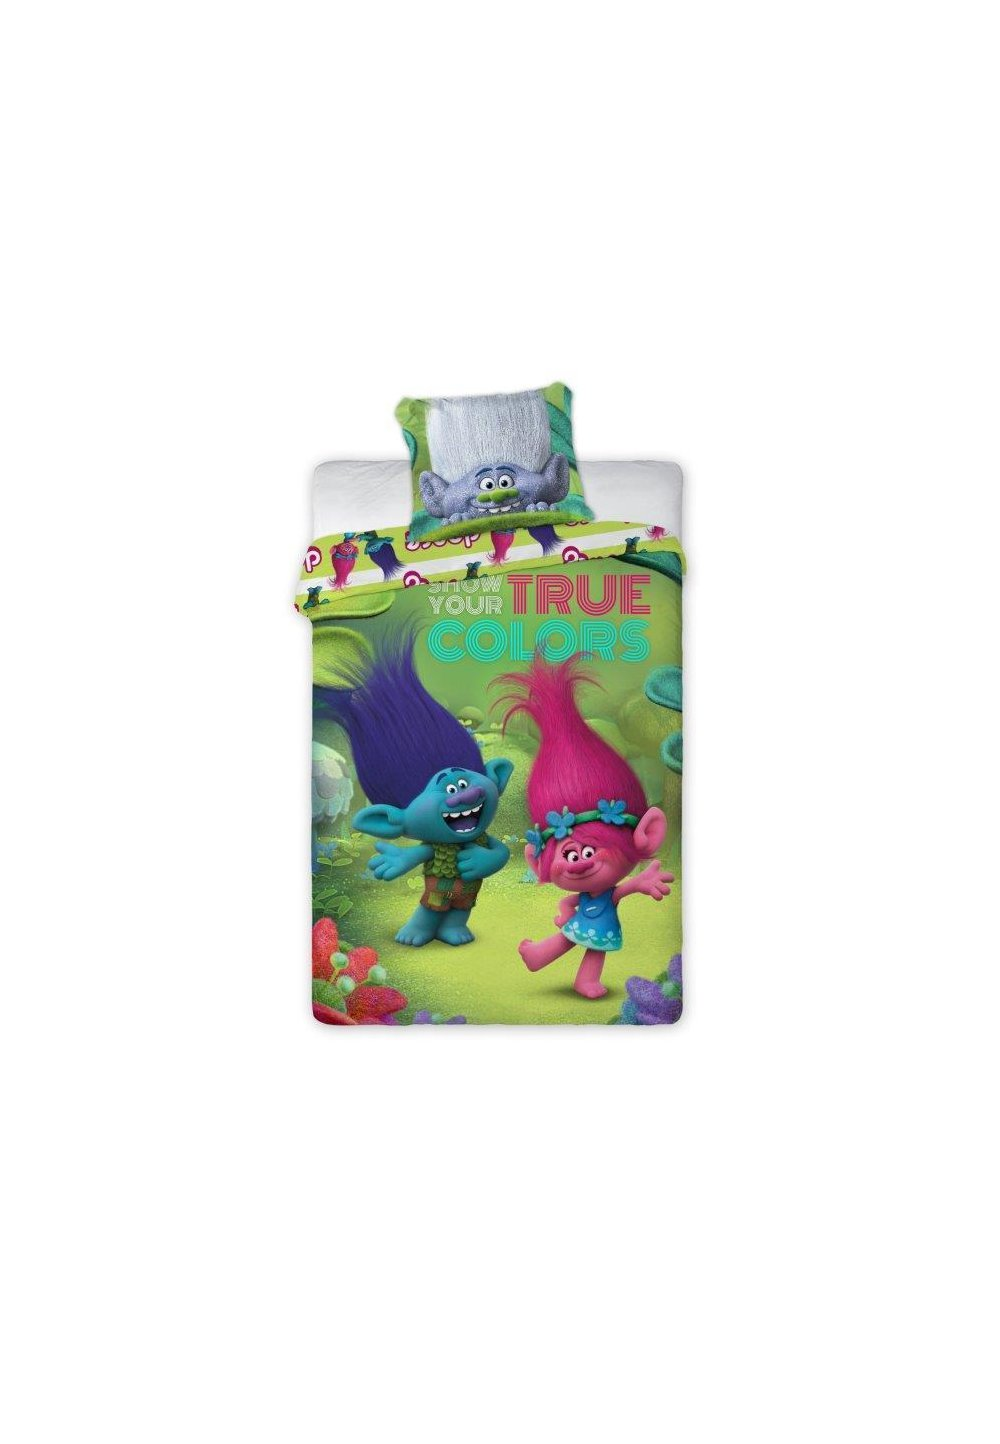 Lenjerie de pat, Trolls, True colors, 160x200cm imagine